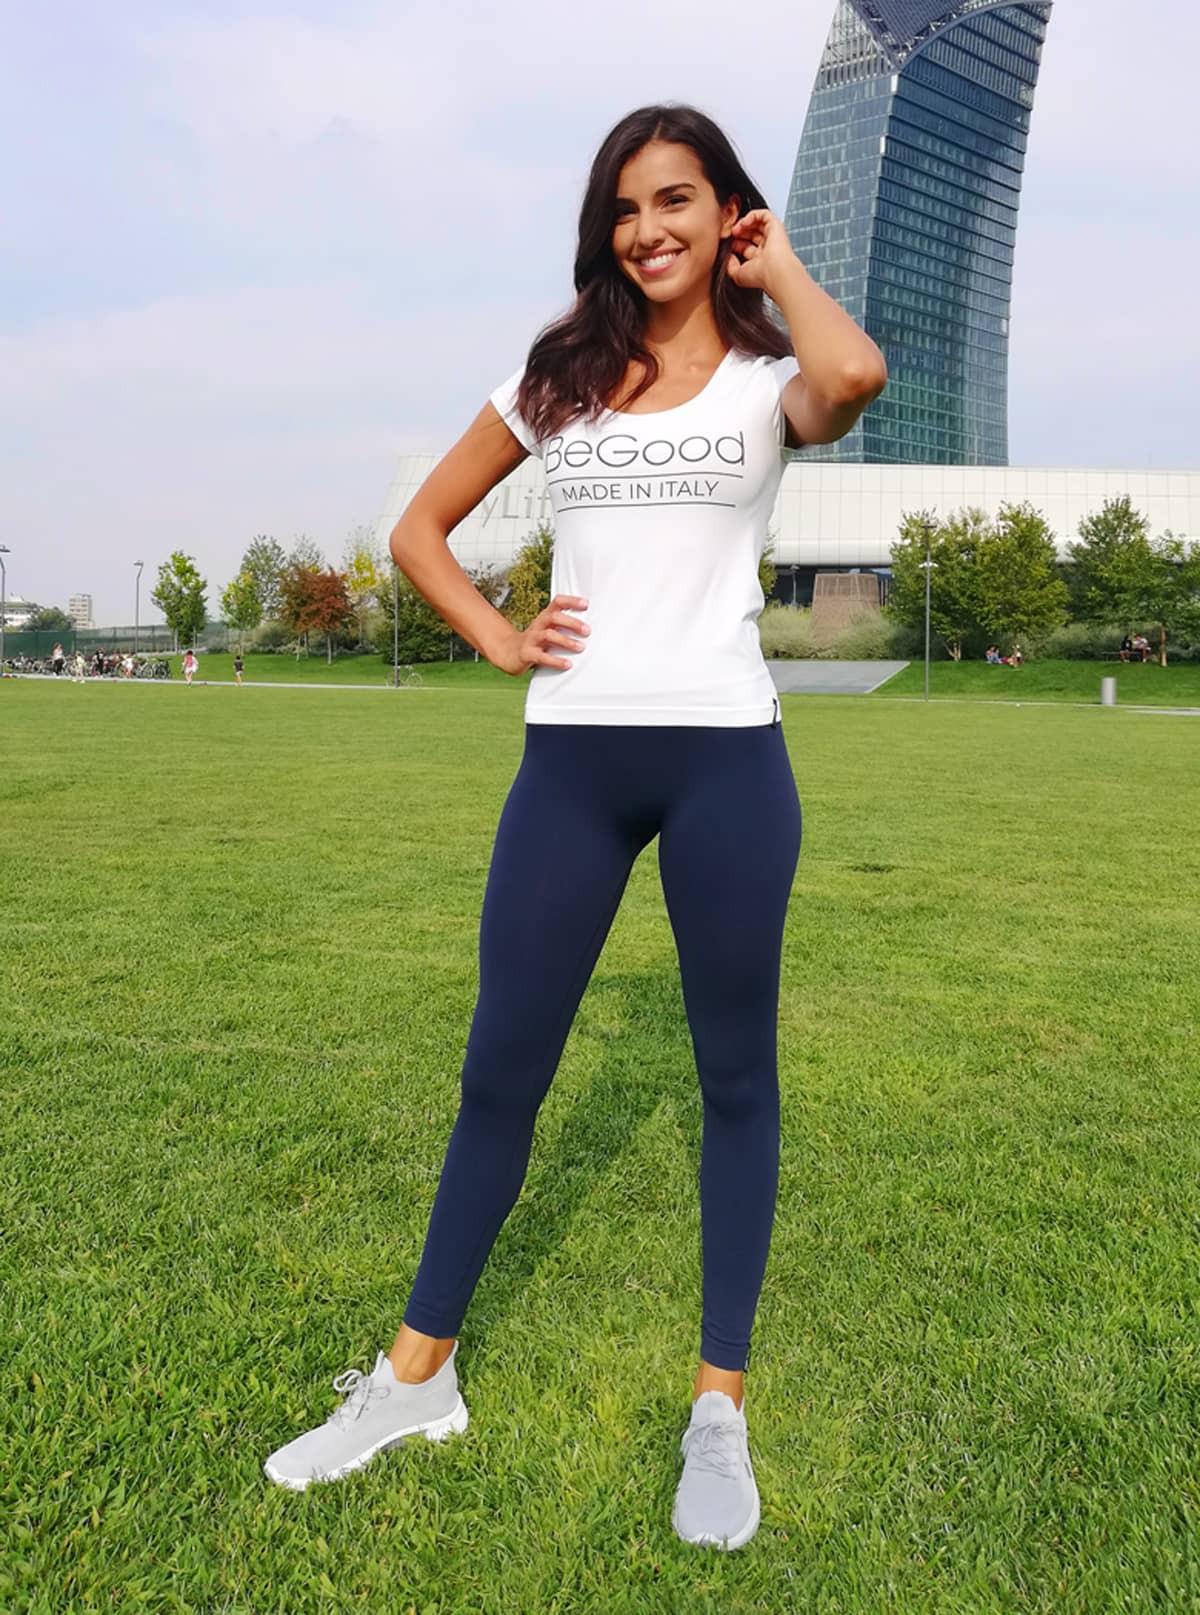 Fashion-Set für Damen: Shirt 'BeGood' + Legging Superslim